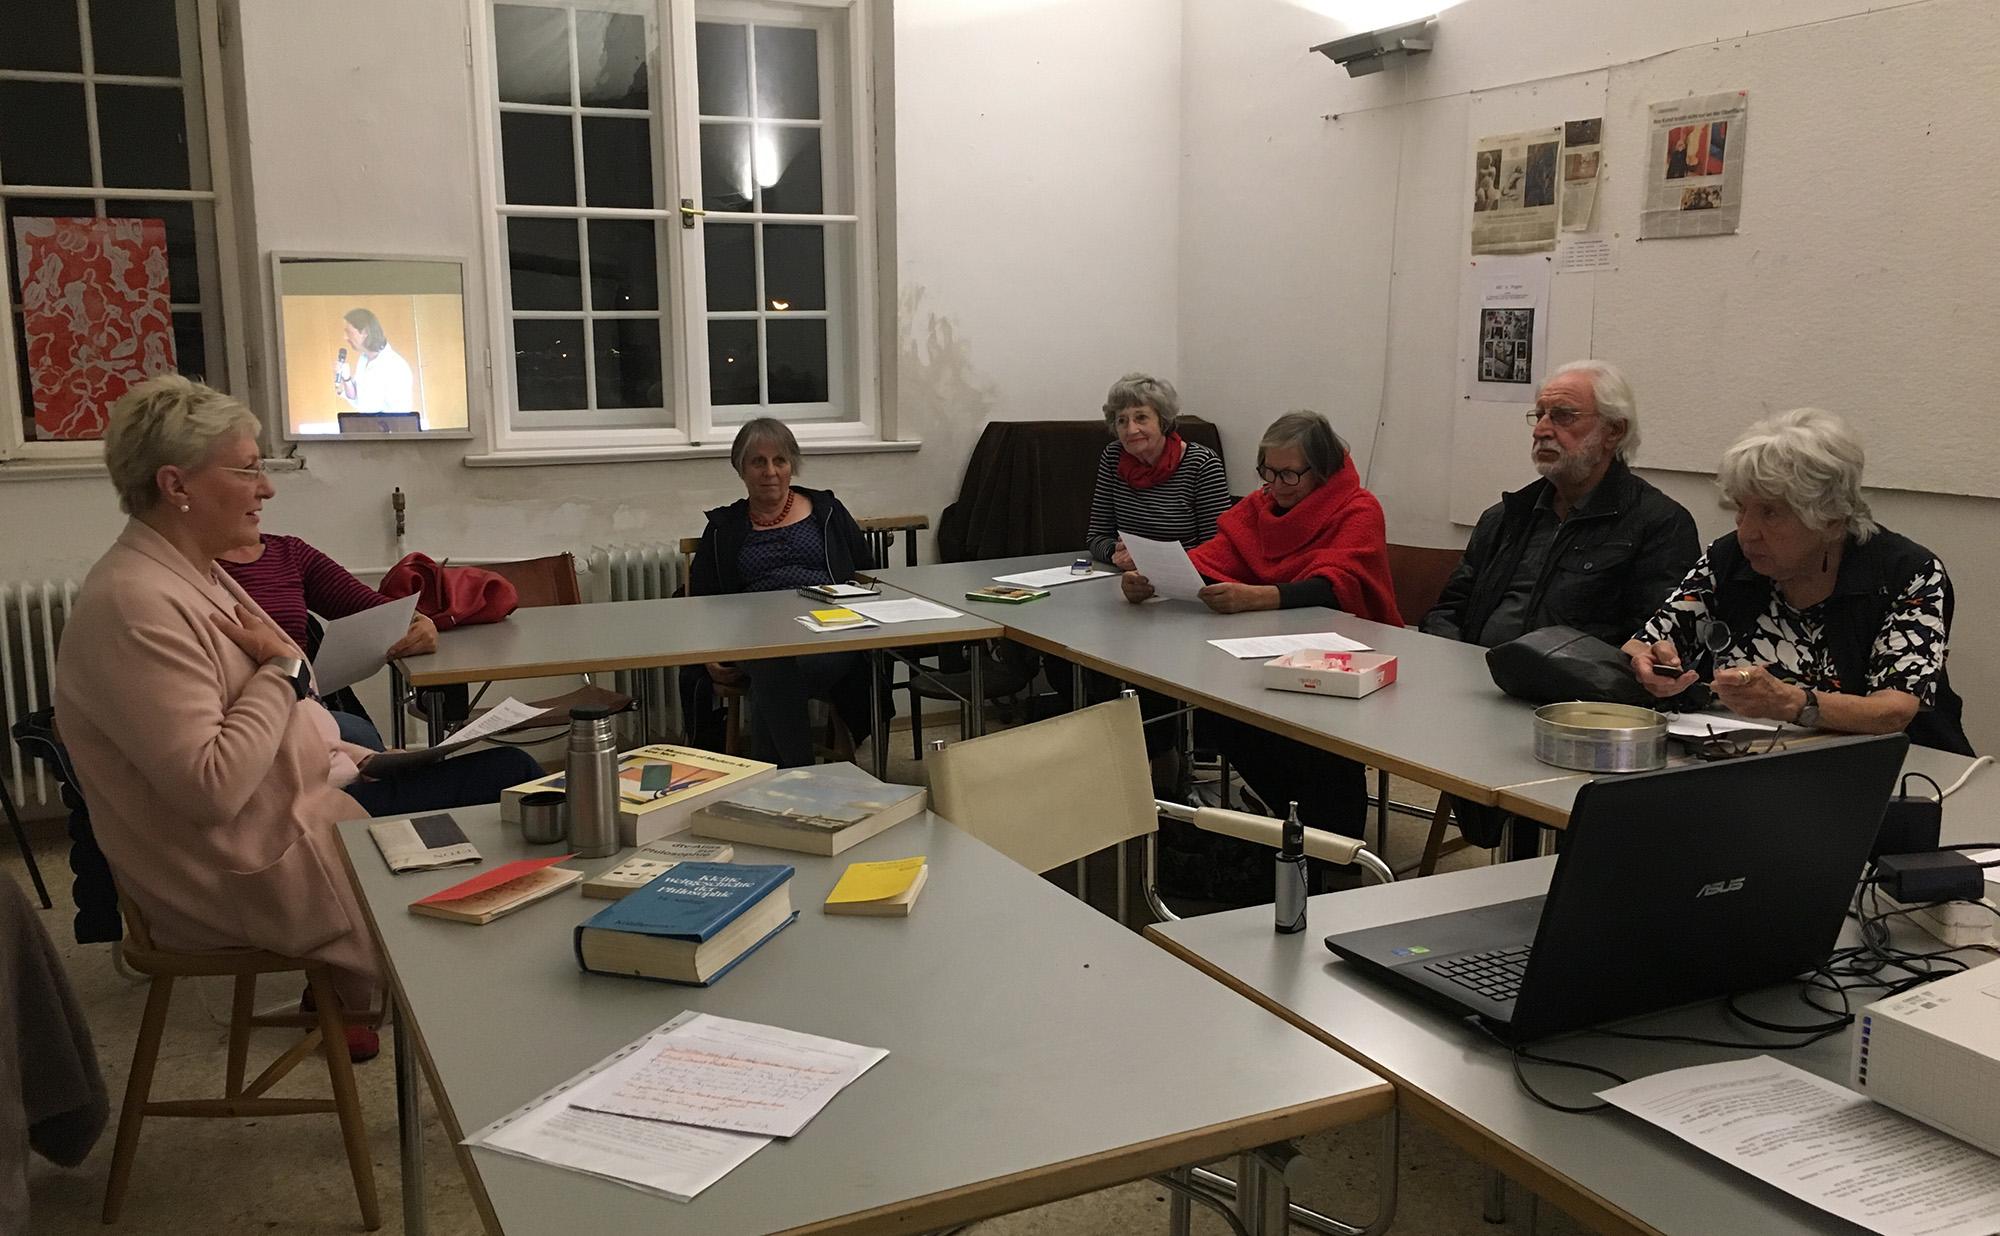 """Kunstkreis Themenabend zum thema """"Ästhetik in der Kunst"""""""